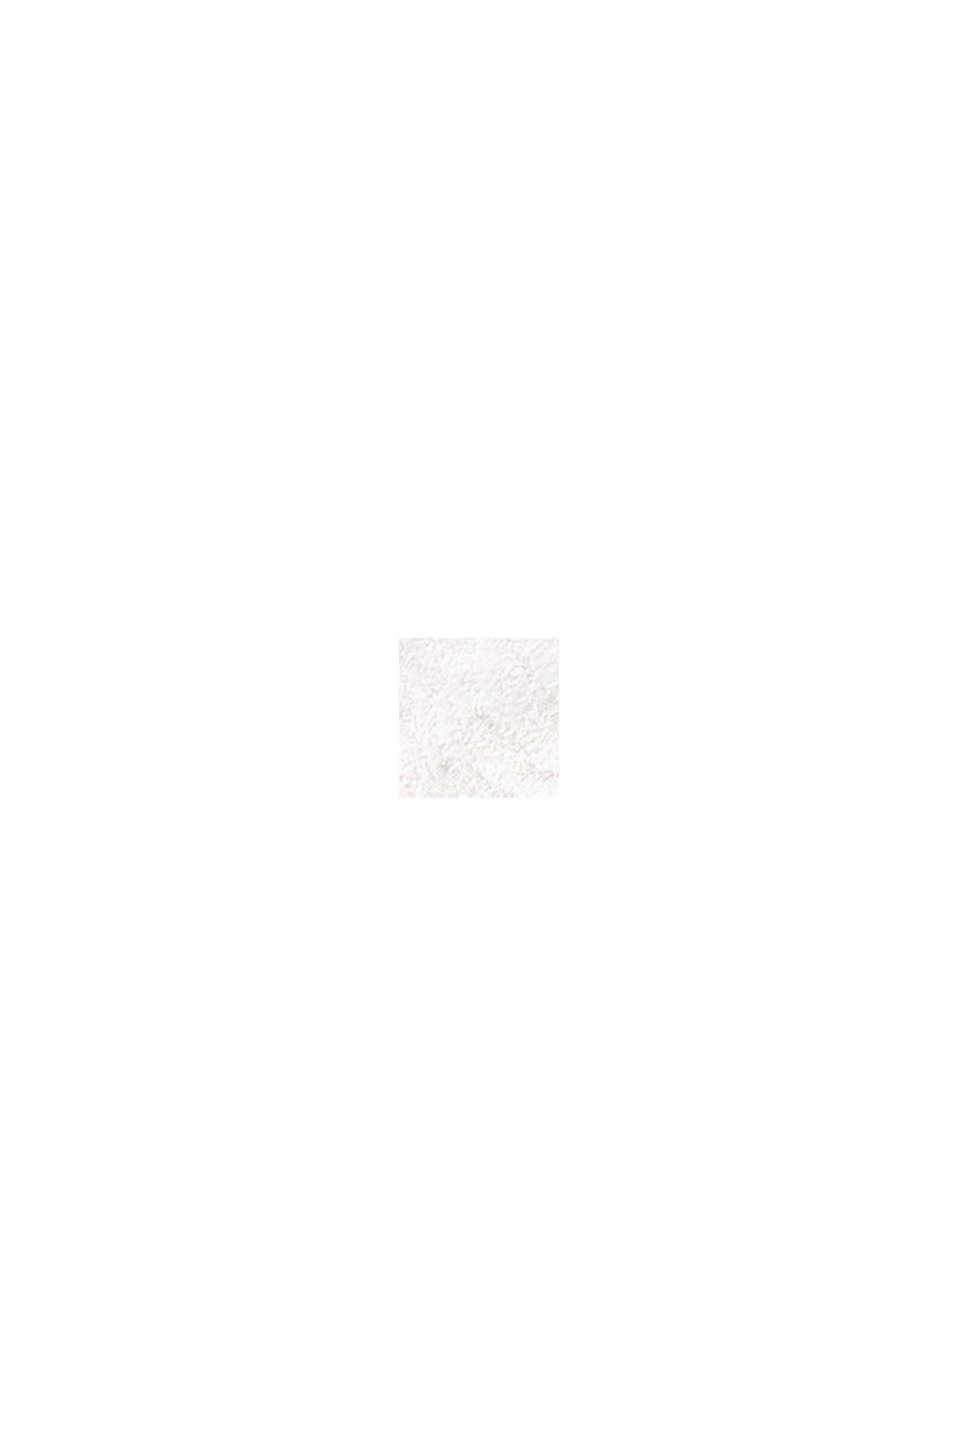 Sujetador de aros realizado en mezcla de tejidos, OFF WHITE, swatch